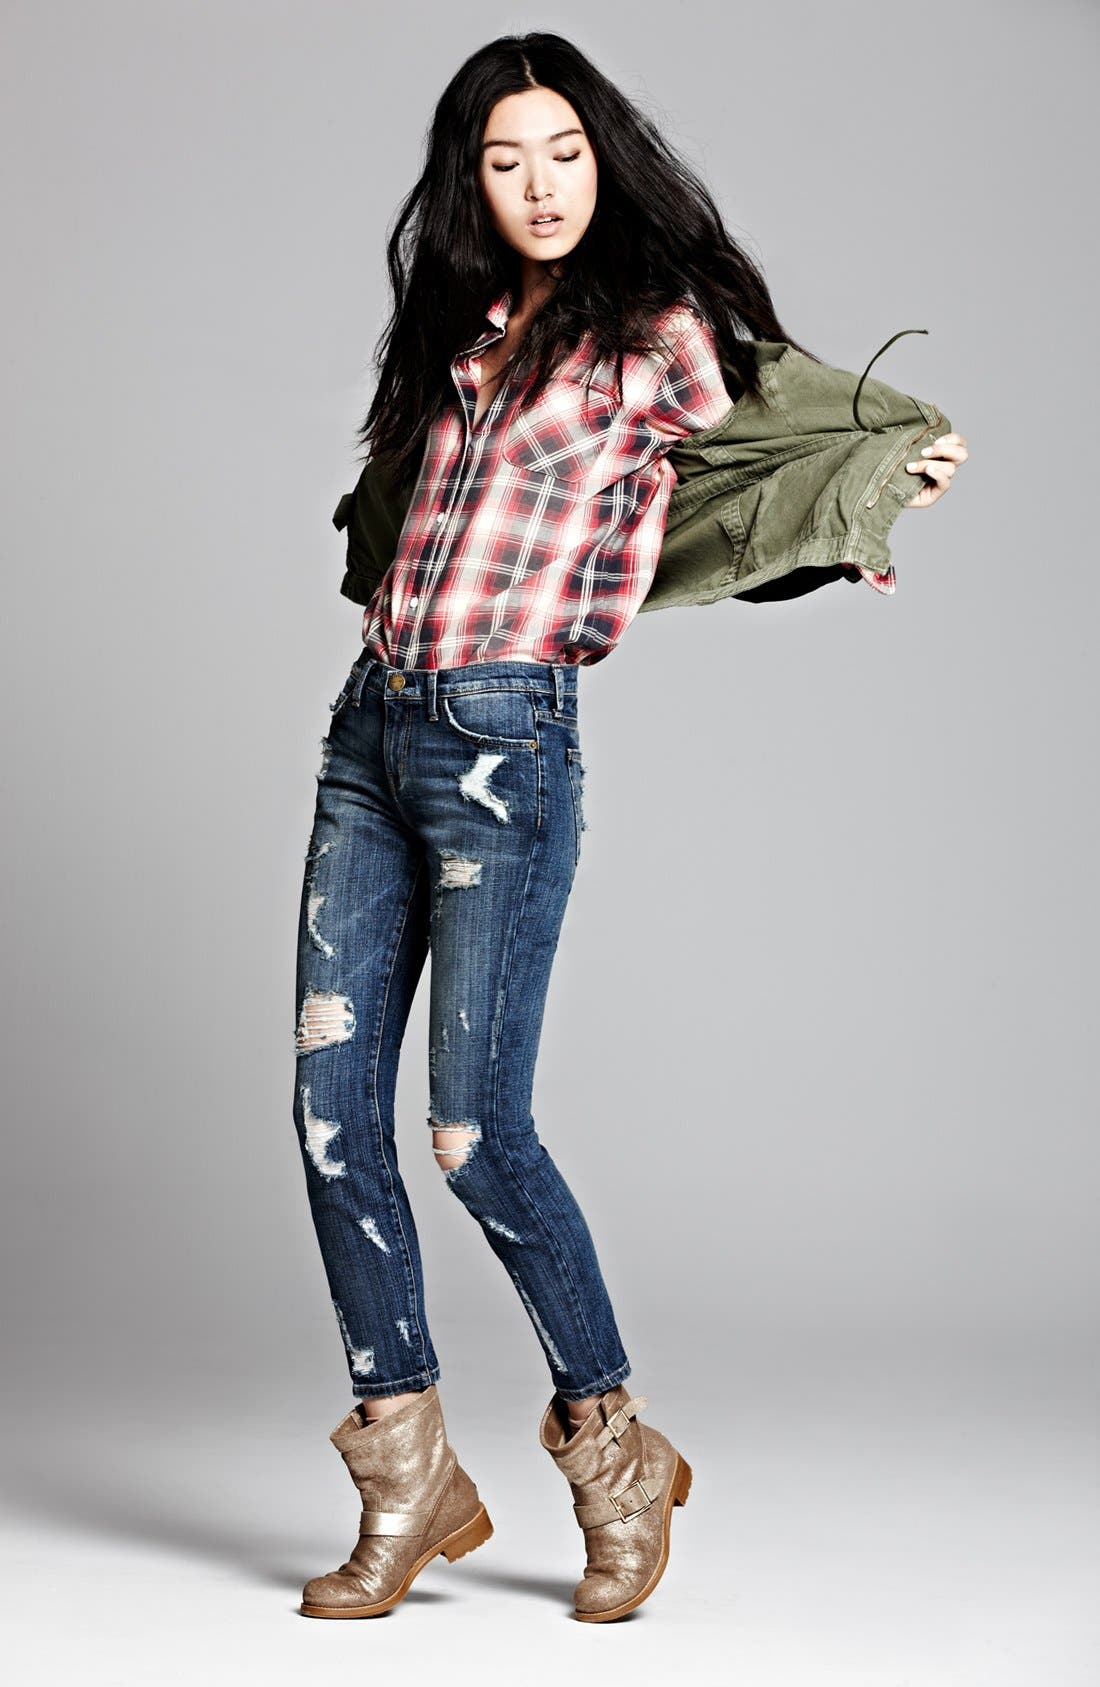 Alternate Image 1 Selected - Current/Elliott Jacket, Shirt & Jeans